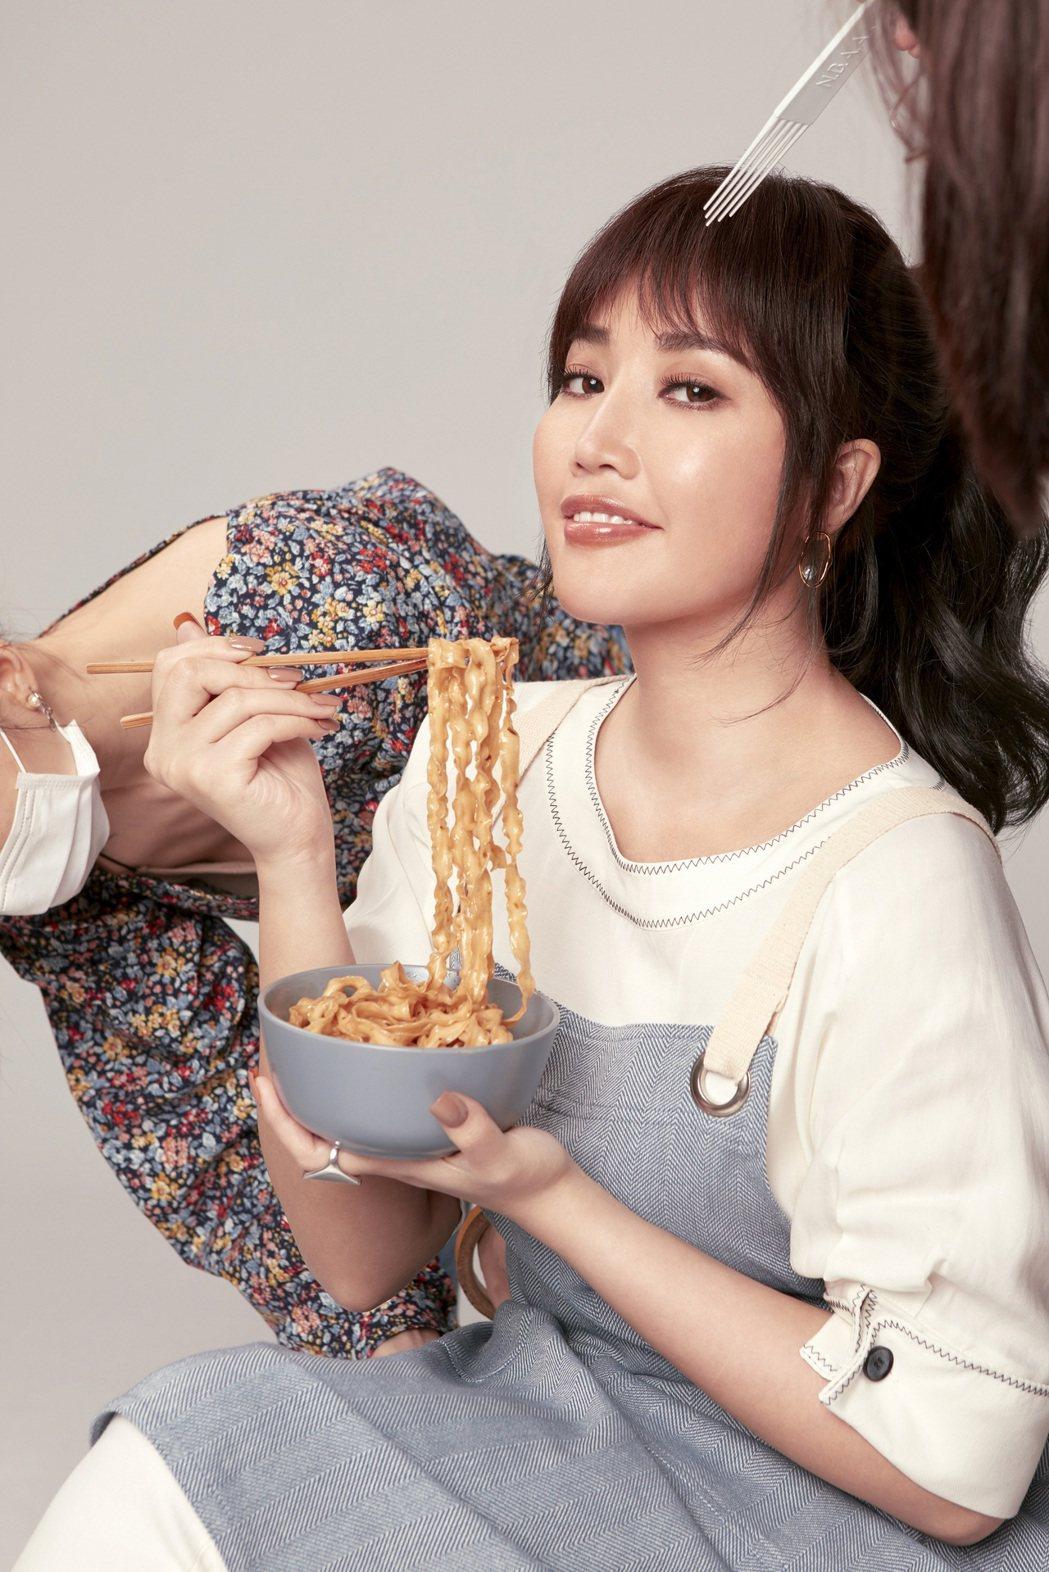 A-Lin很不住一直吃道具,一度導致拍攝中斷。圖/老媽拌麵提供